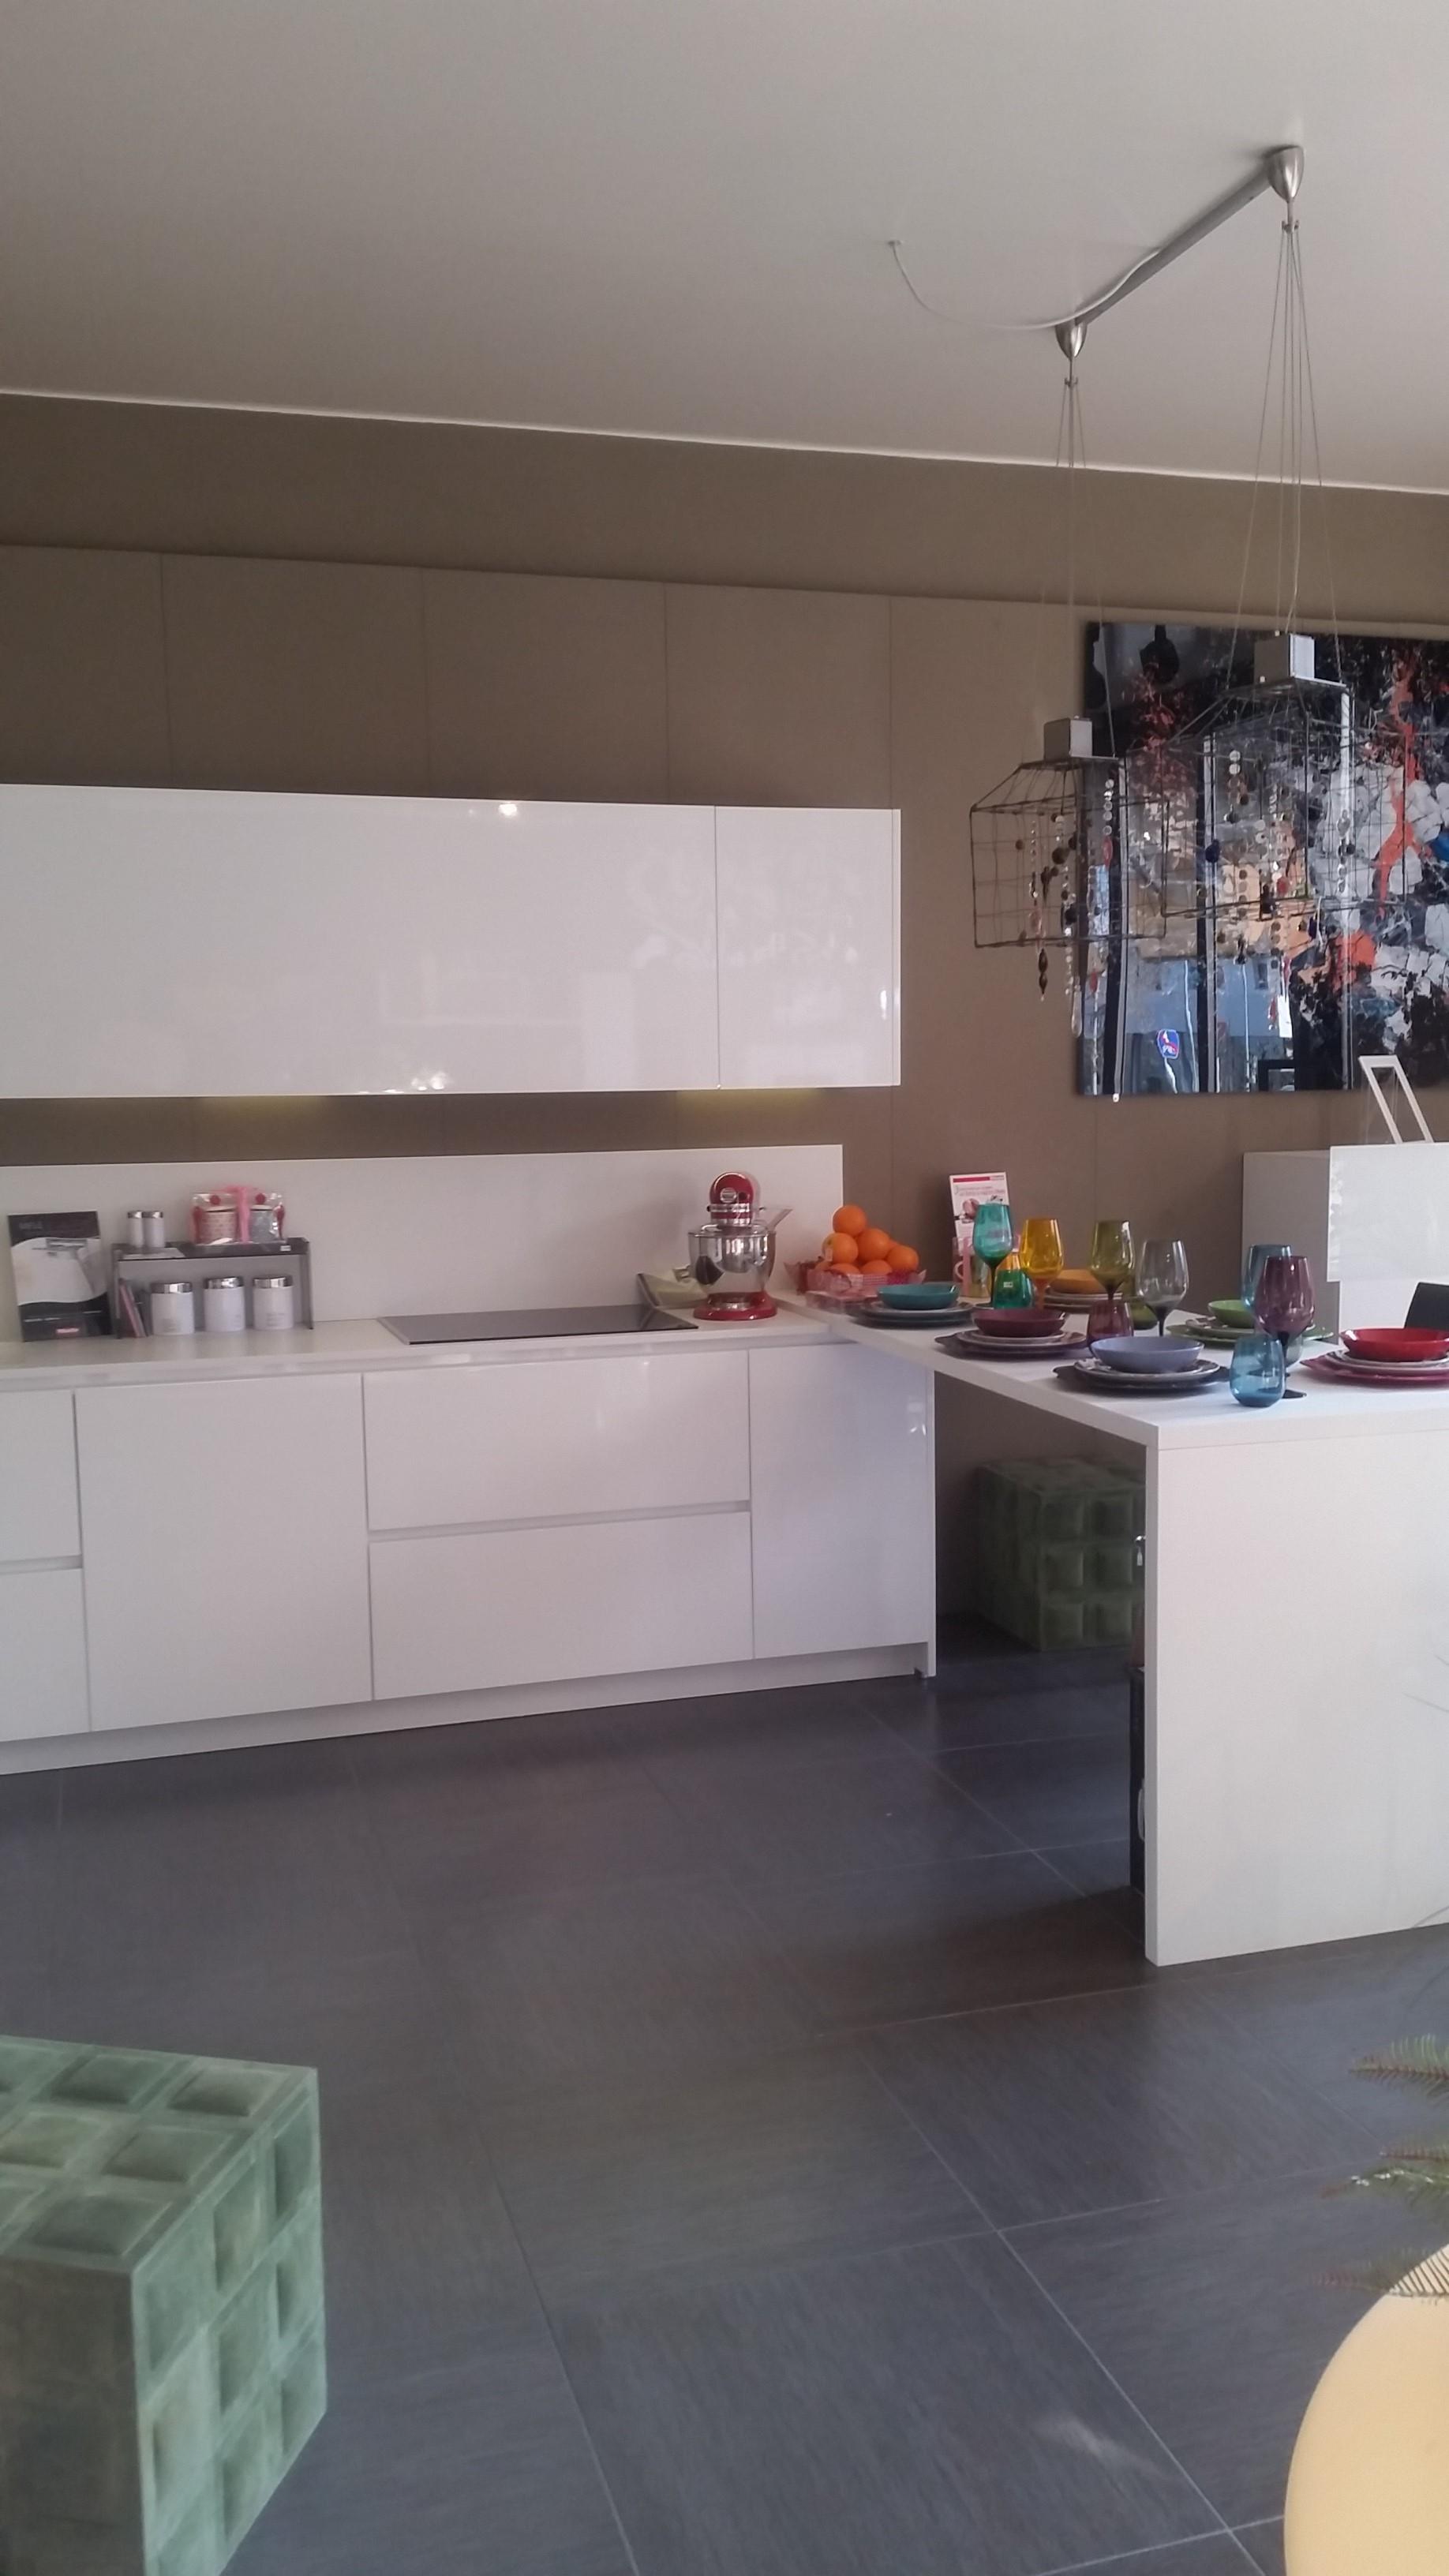 Del tongo cucina creta scontato del 50 cucine a prezzi scontati - Listino prezzi cucine del tongo ...